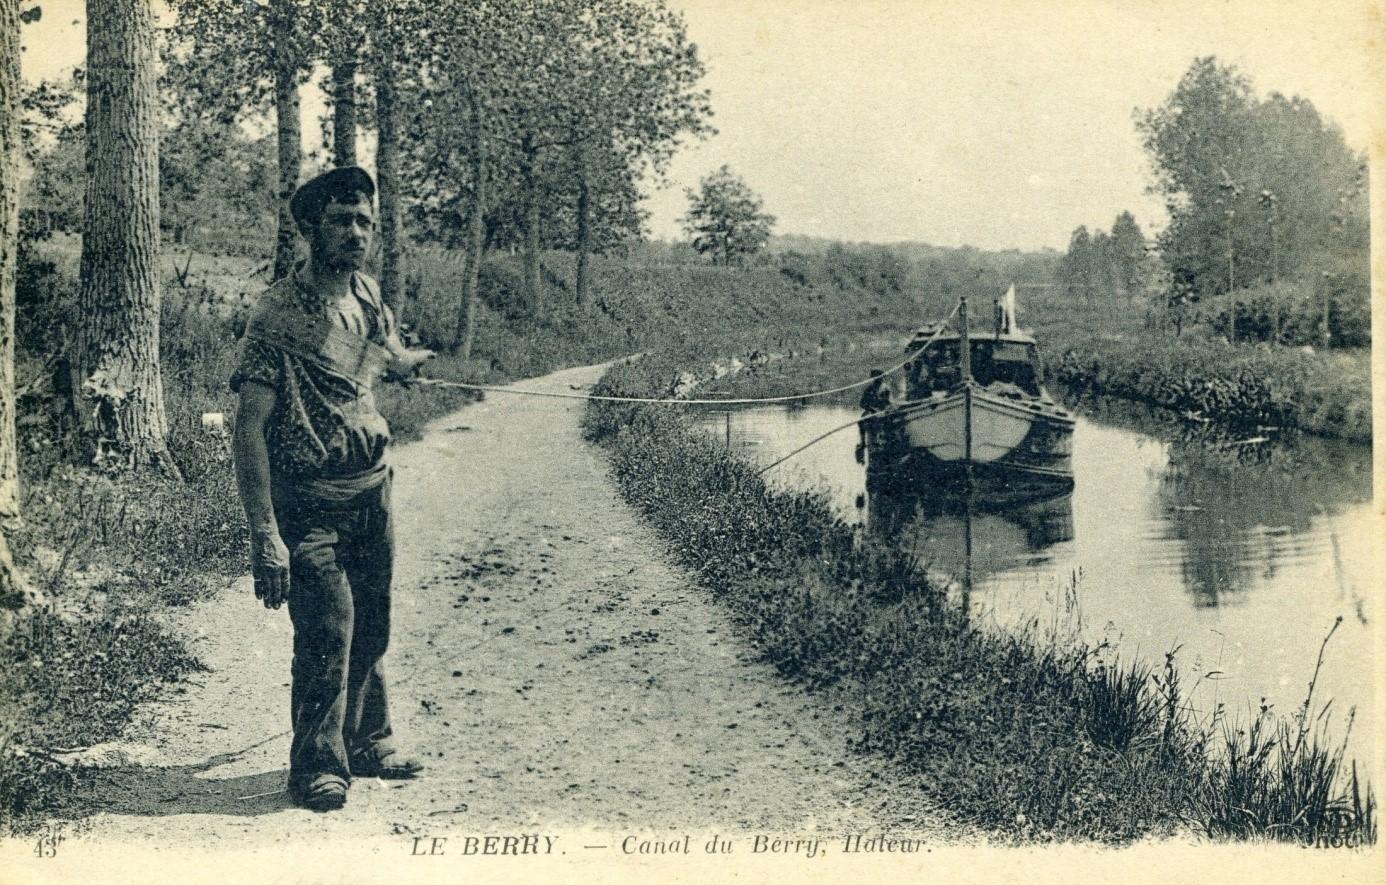 Canal du Berry - Haleur